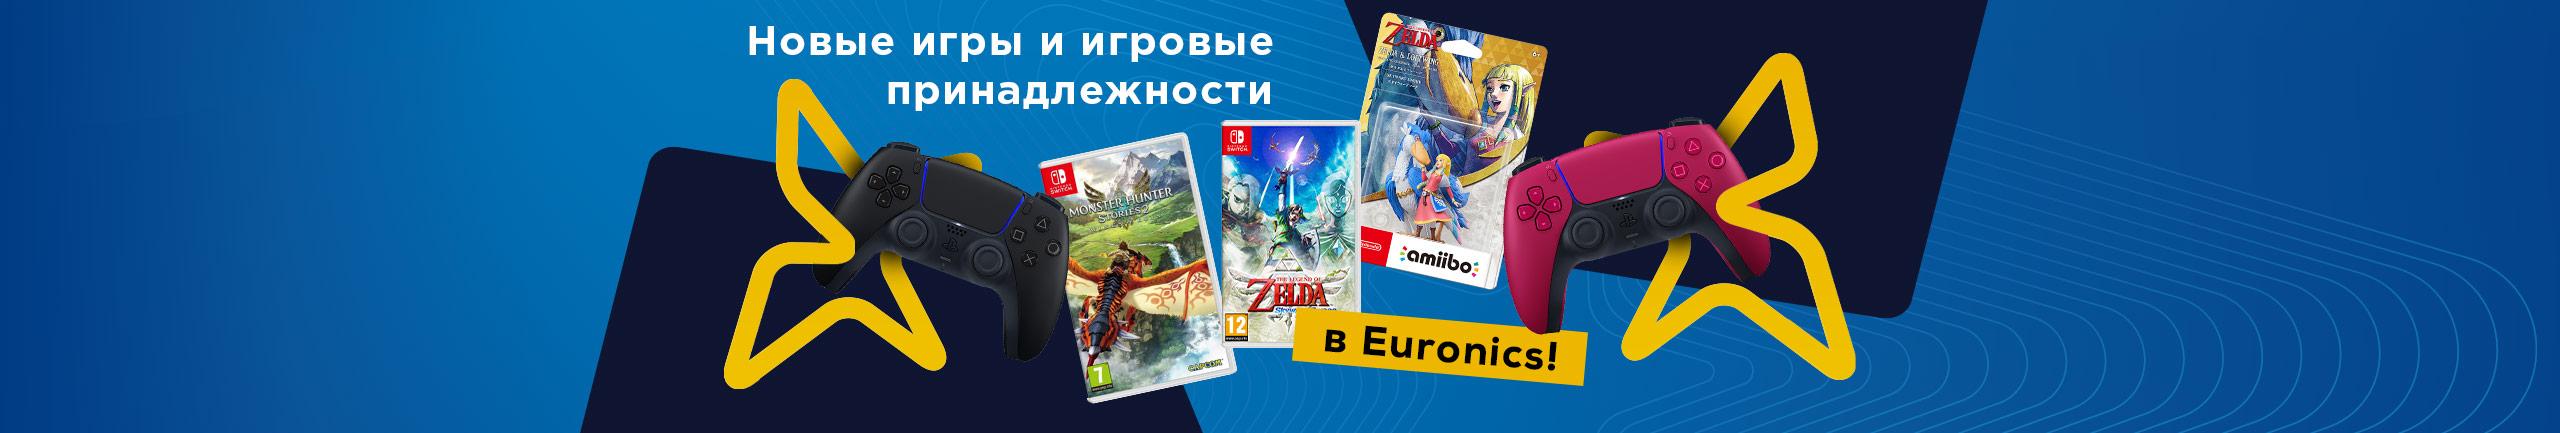 Новые игры и игровые принадлежности в Euronics!